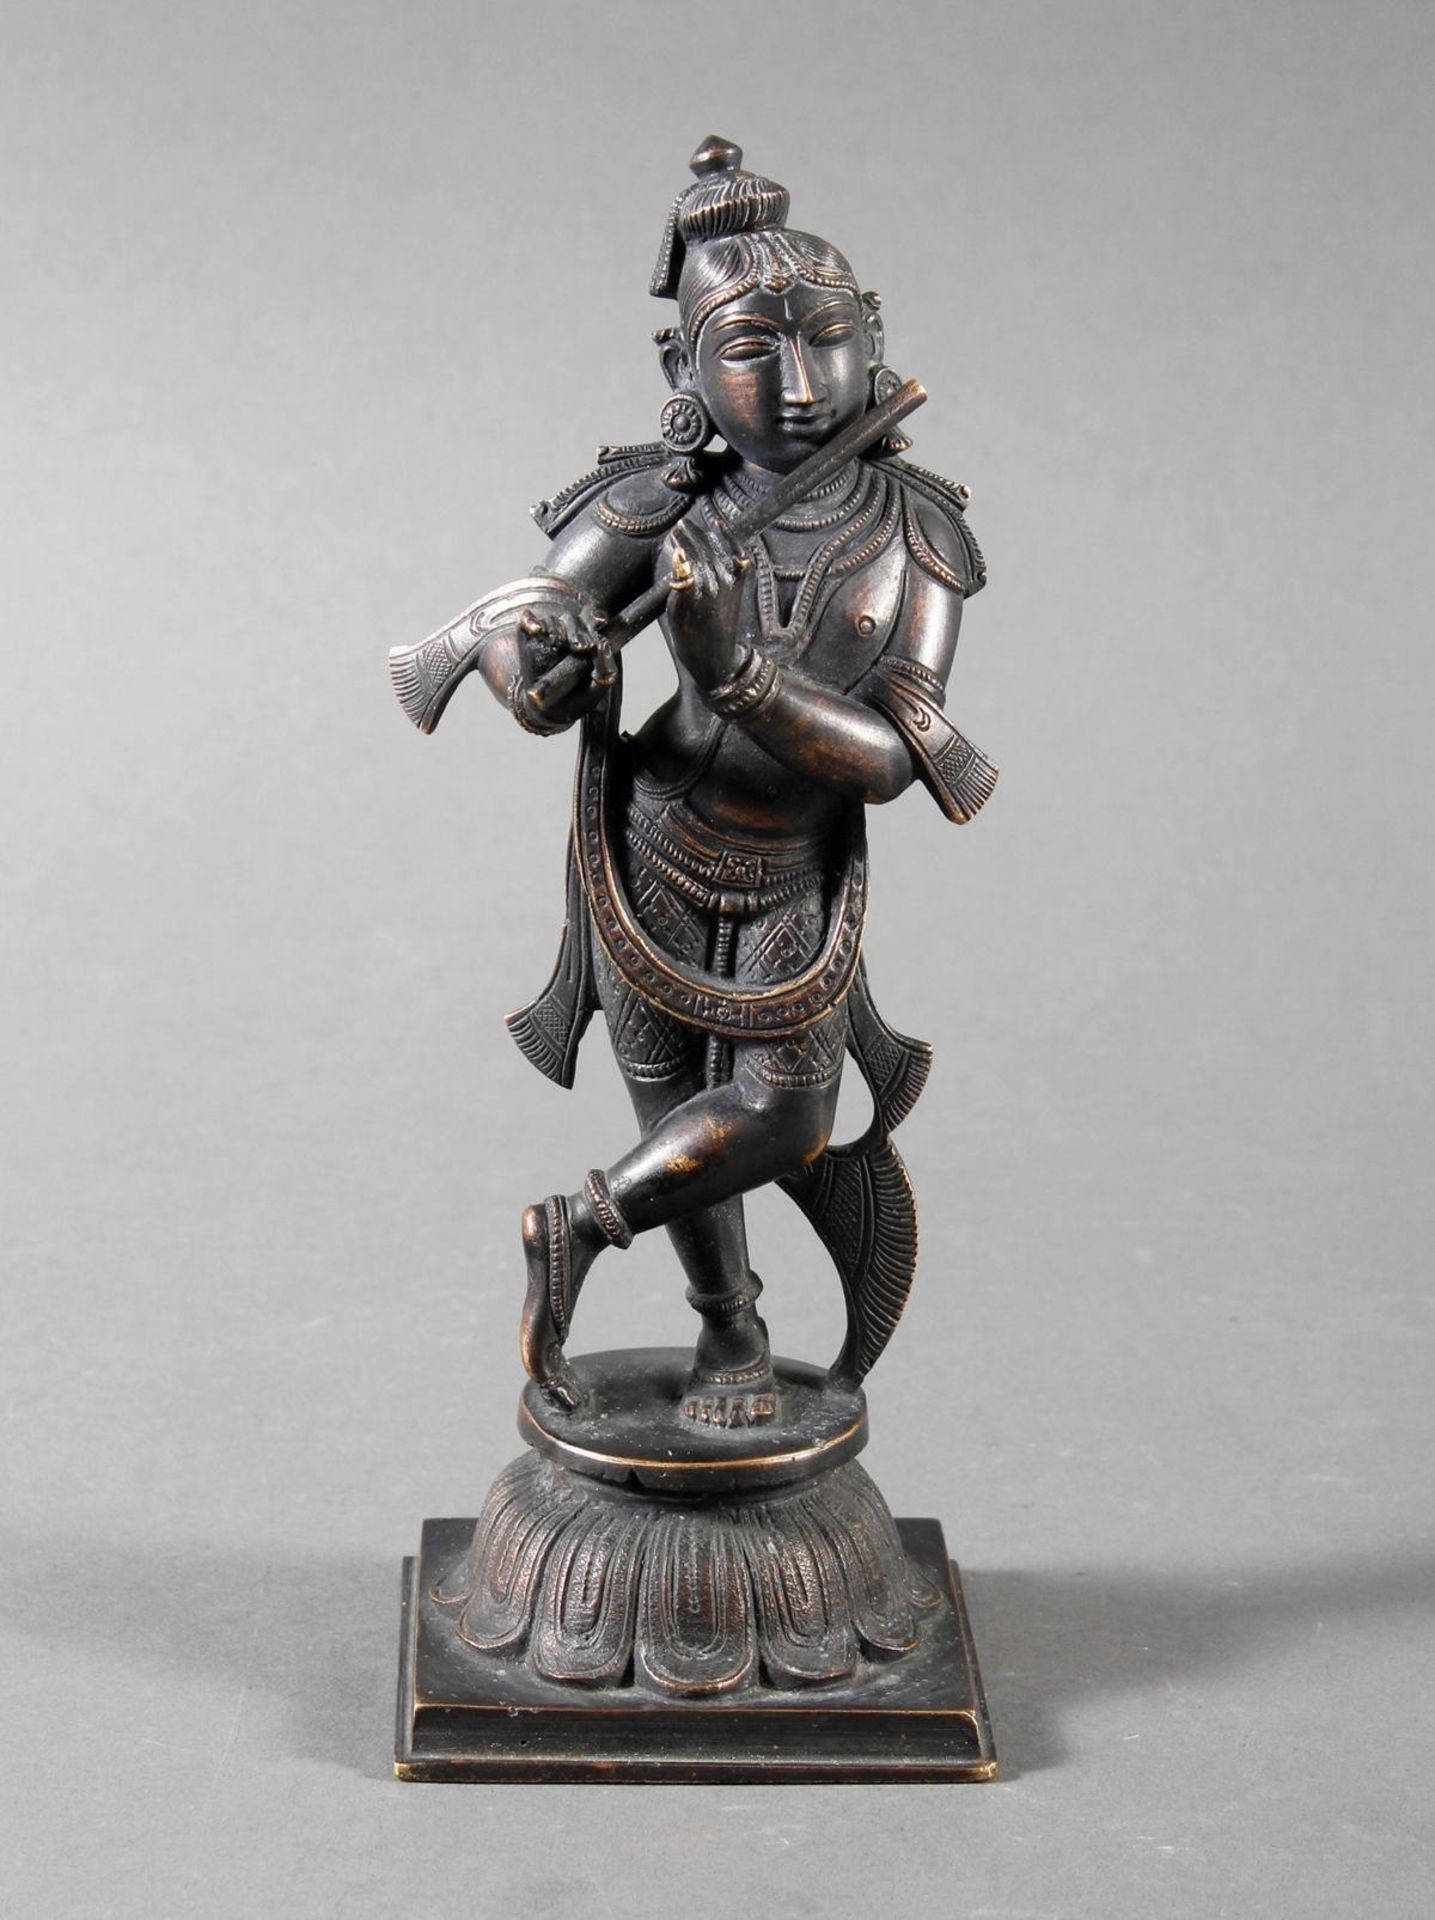 Flötespielende Göttheit auf einem Lotospodest stehend Indien 19. / 20. Jahrhundert